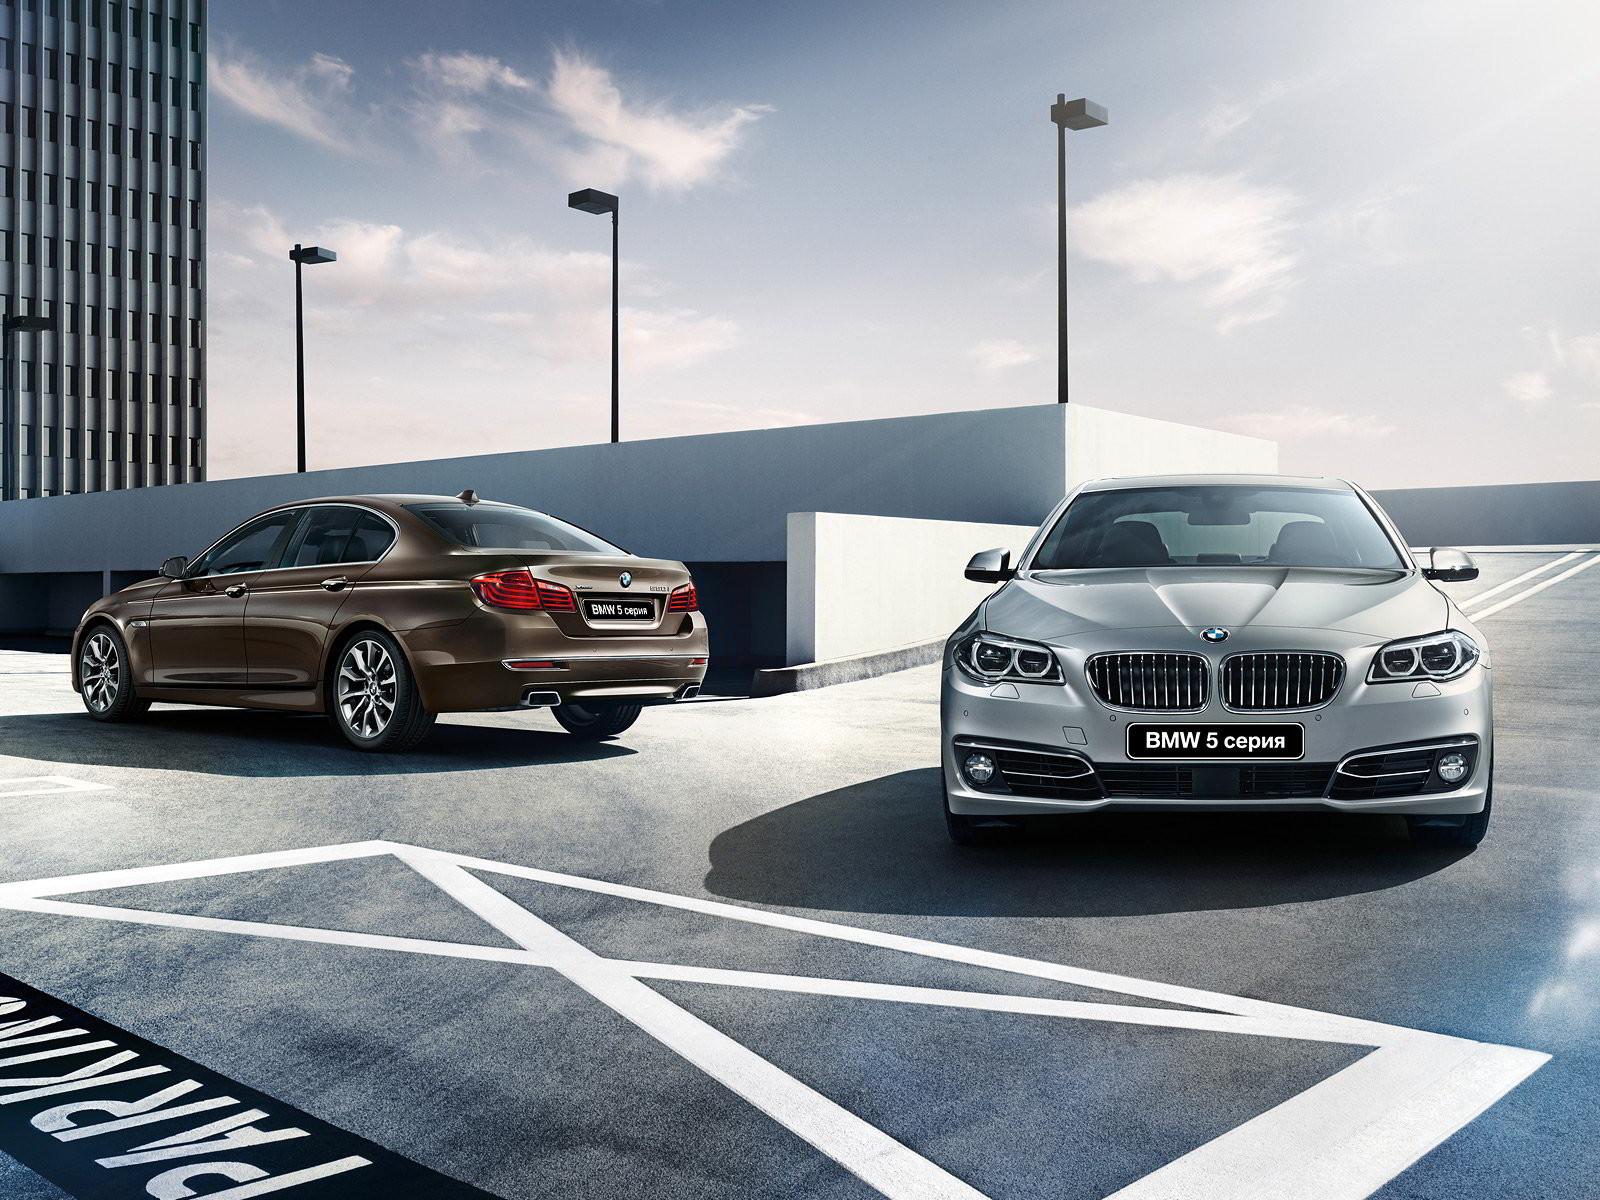 БМВ 5 Series новейшей генерации появится нарынке всамом начале 2017-ого года